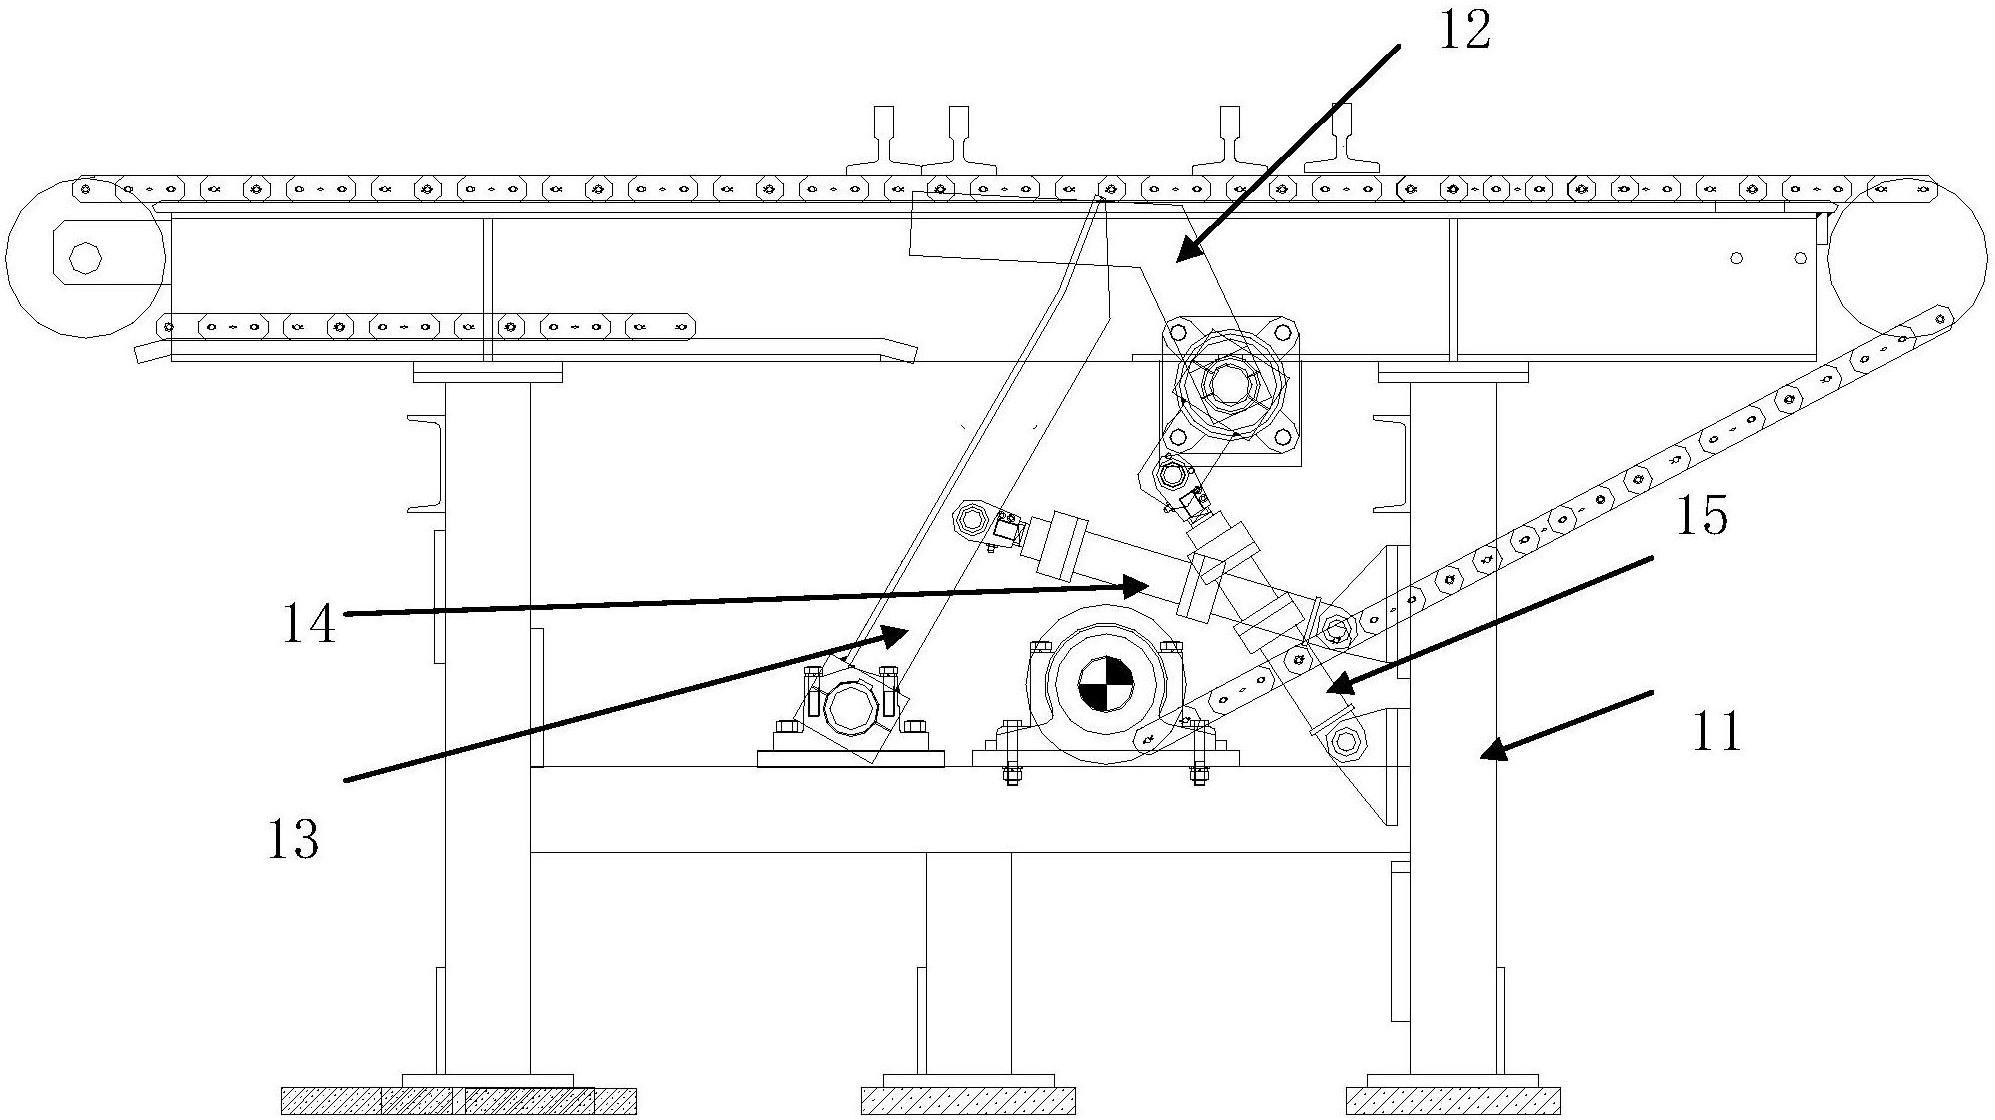 全自动码垛系统及工艺-附图9